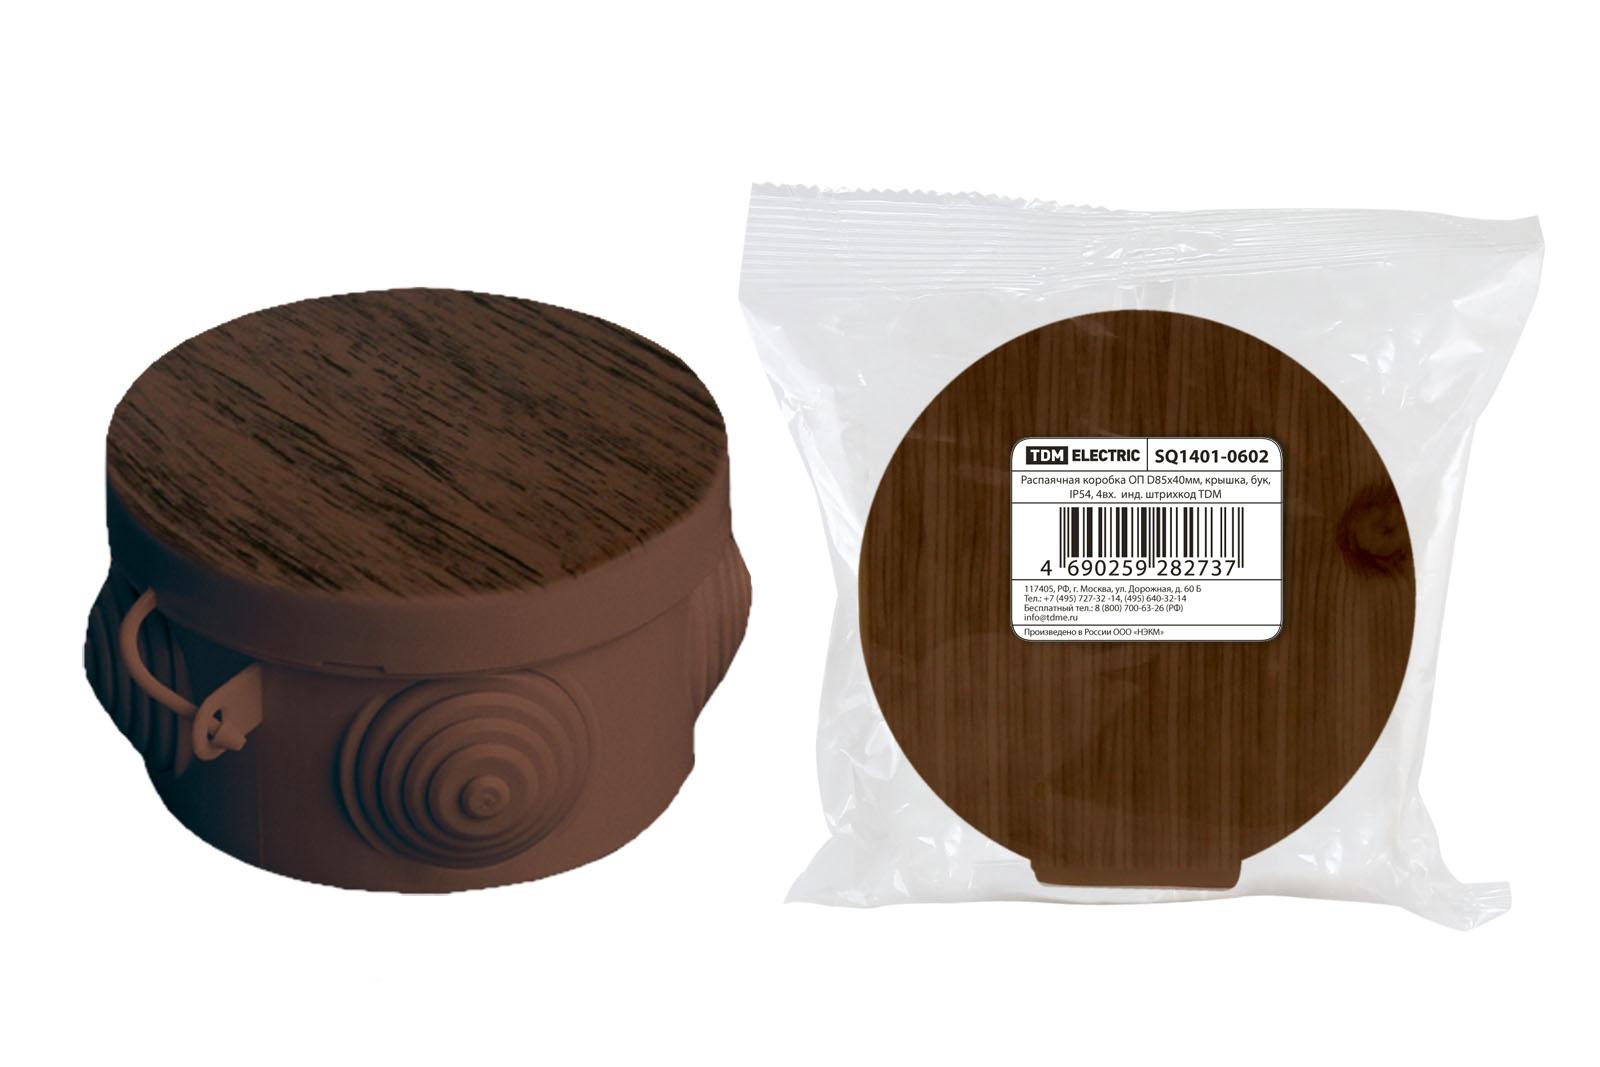 Фото Распаячная коробка ОП D85х40мм, крышка, бук, IP54, 4вх. инд. штрихкод TDM {SQ1401-0602}